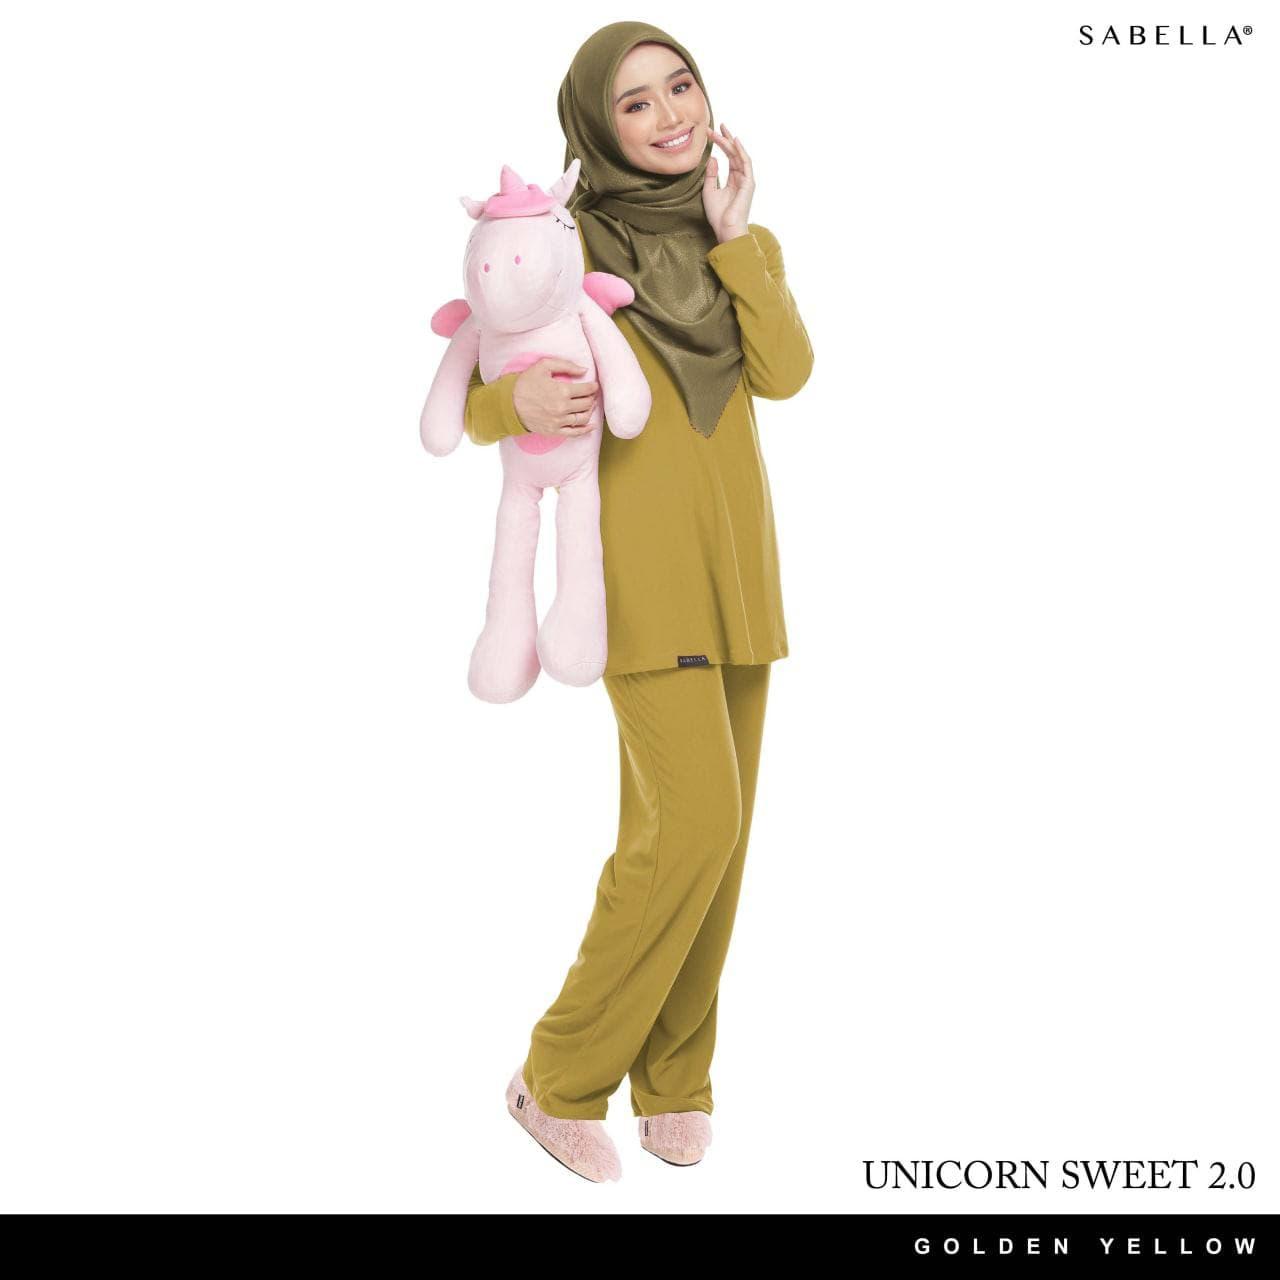 Unicorn Sweet 2.0 Golden Yellow